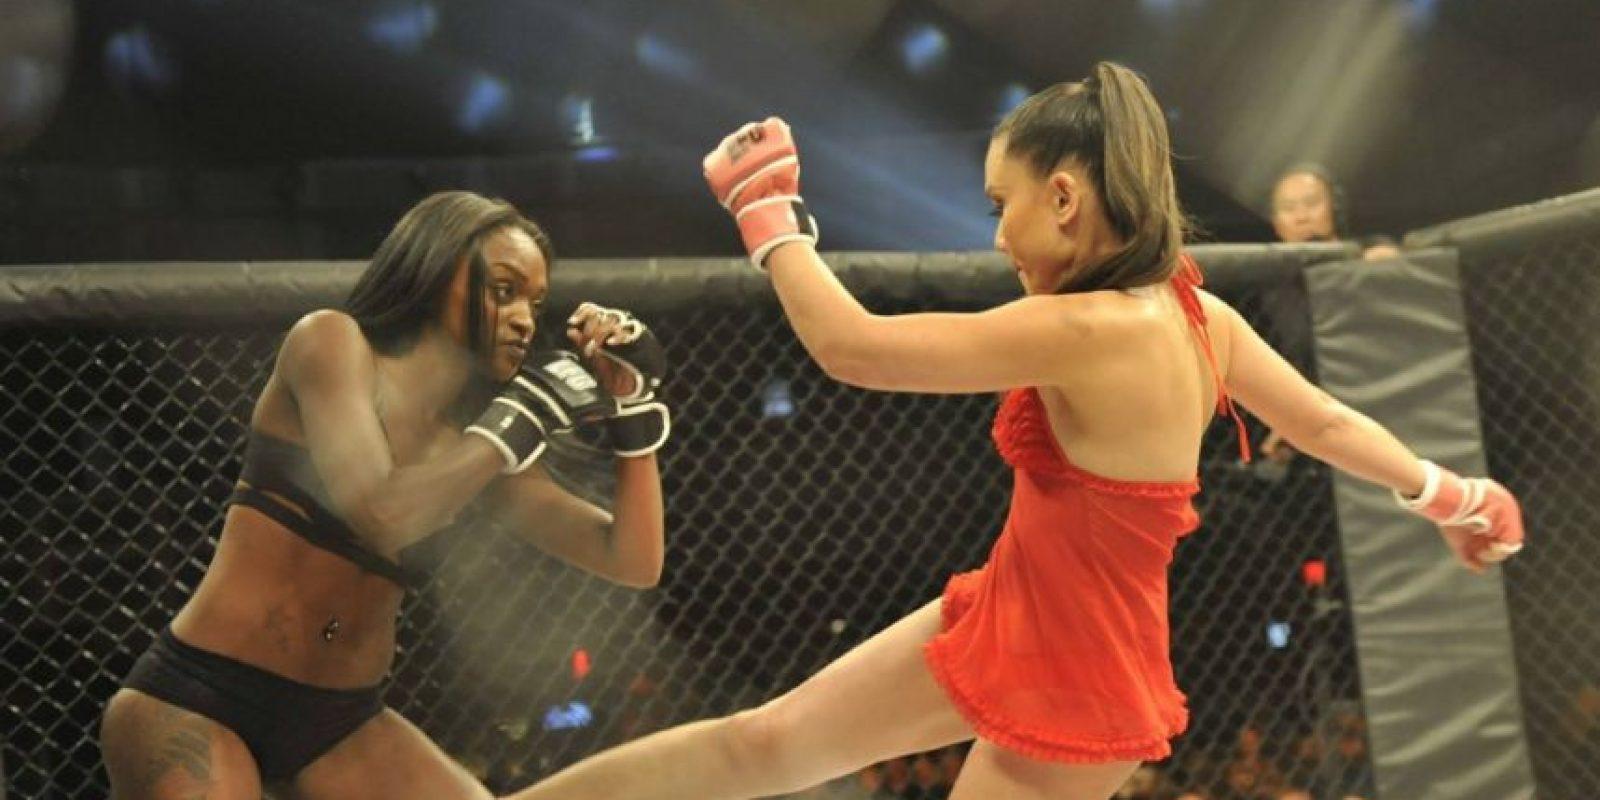 """Las peleadoras llevan sobrenombres como """"Ladykillah"""", """"Babydoll"""" y """"Cherry Bomb"""" Foto:Vía facebook.com/lfcfighting"""